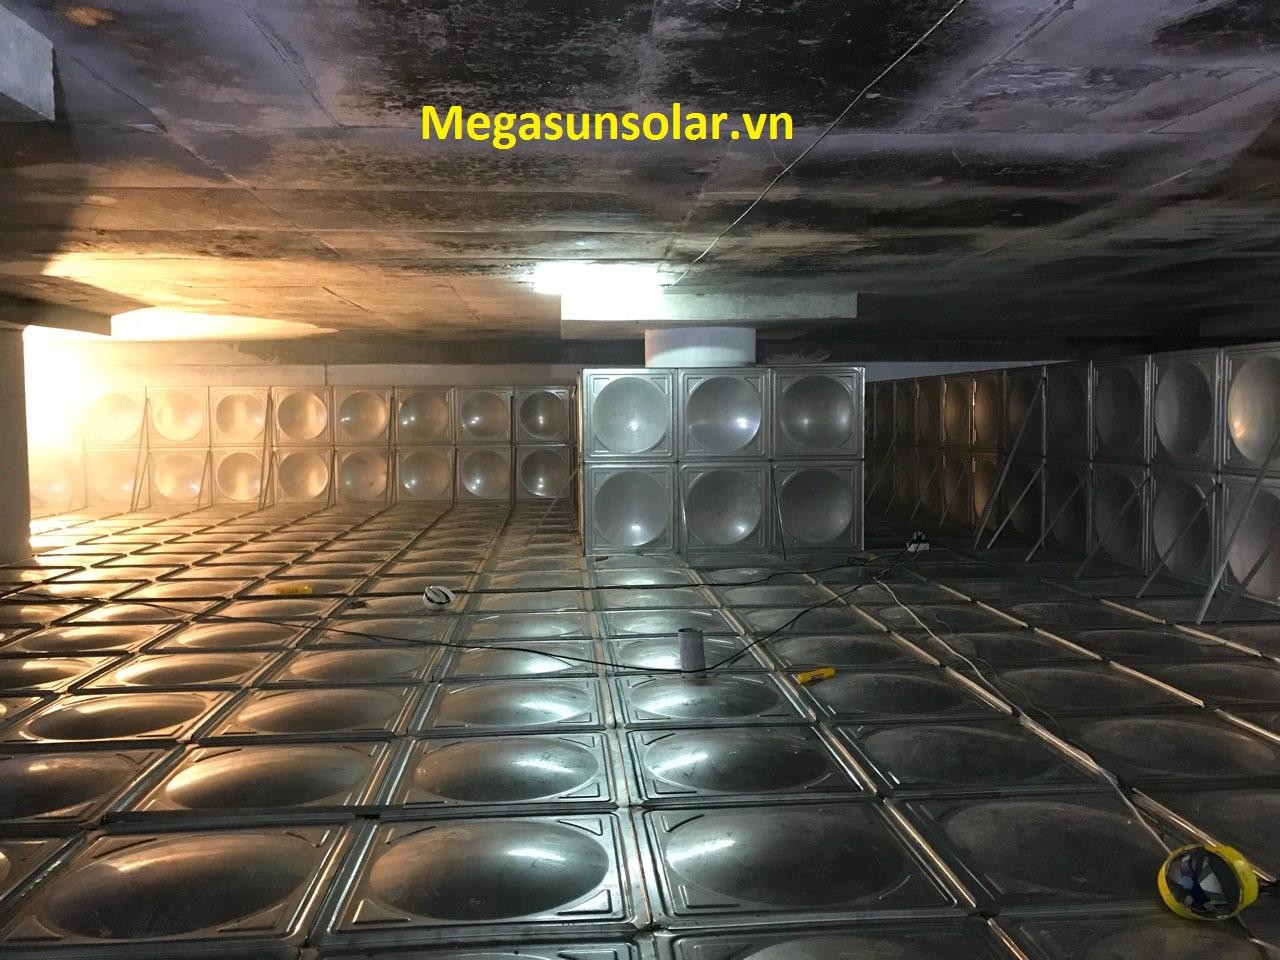 bể chứa nước lắp ghép